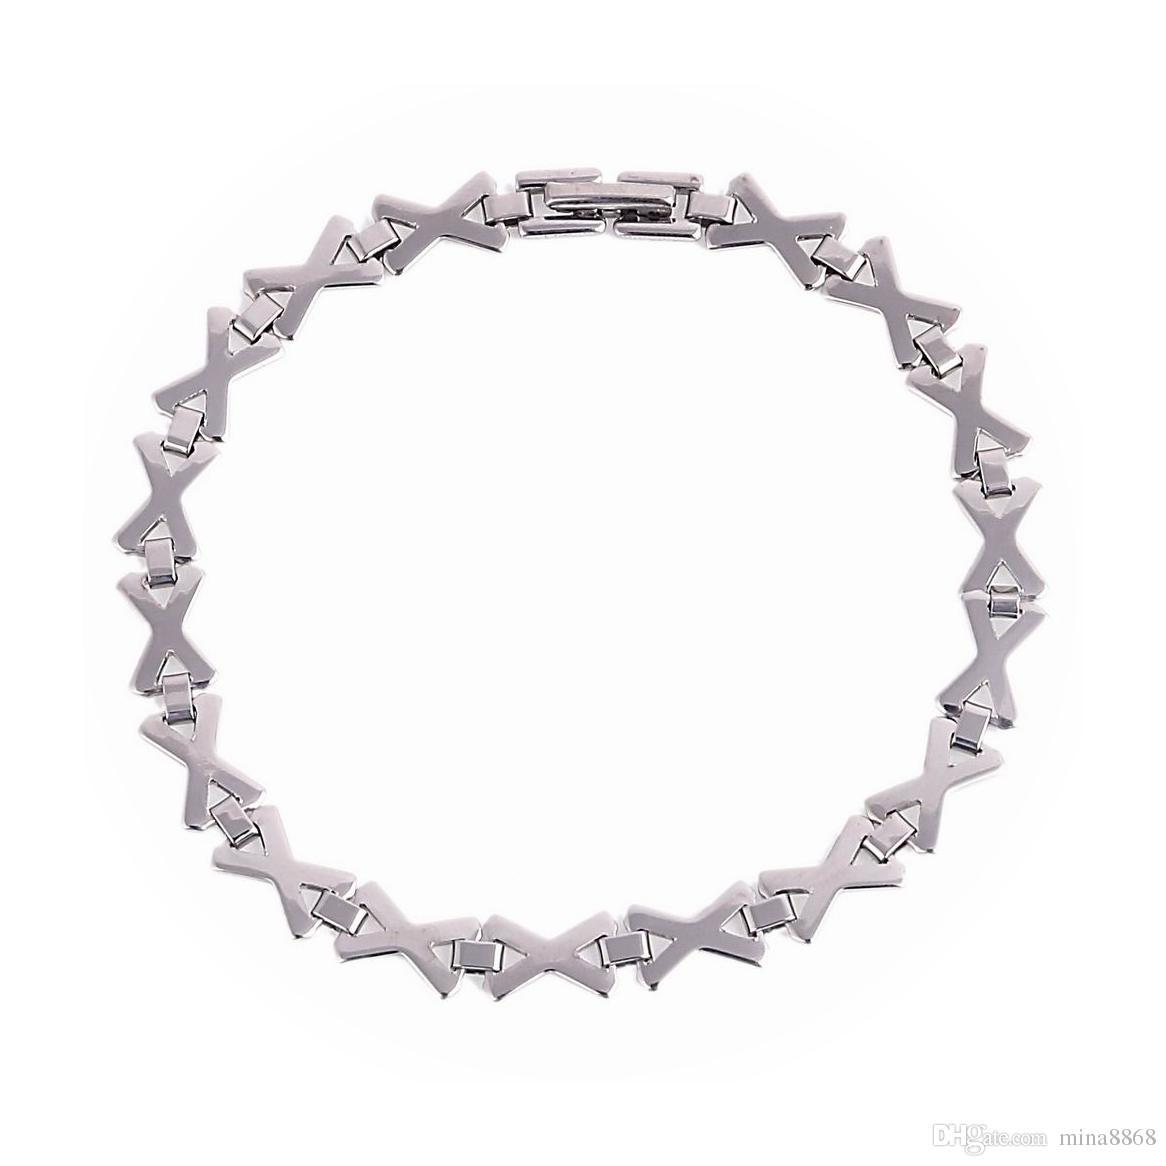 Prosta konstrukcja bransoletka łańcucha ze stali nierdzewnej dla mężczyzn damski x list bracety łańcuchowe bransoletki męskie kobiece hip hop party punk rock biżuteria